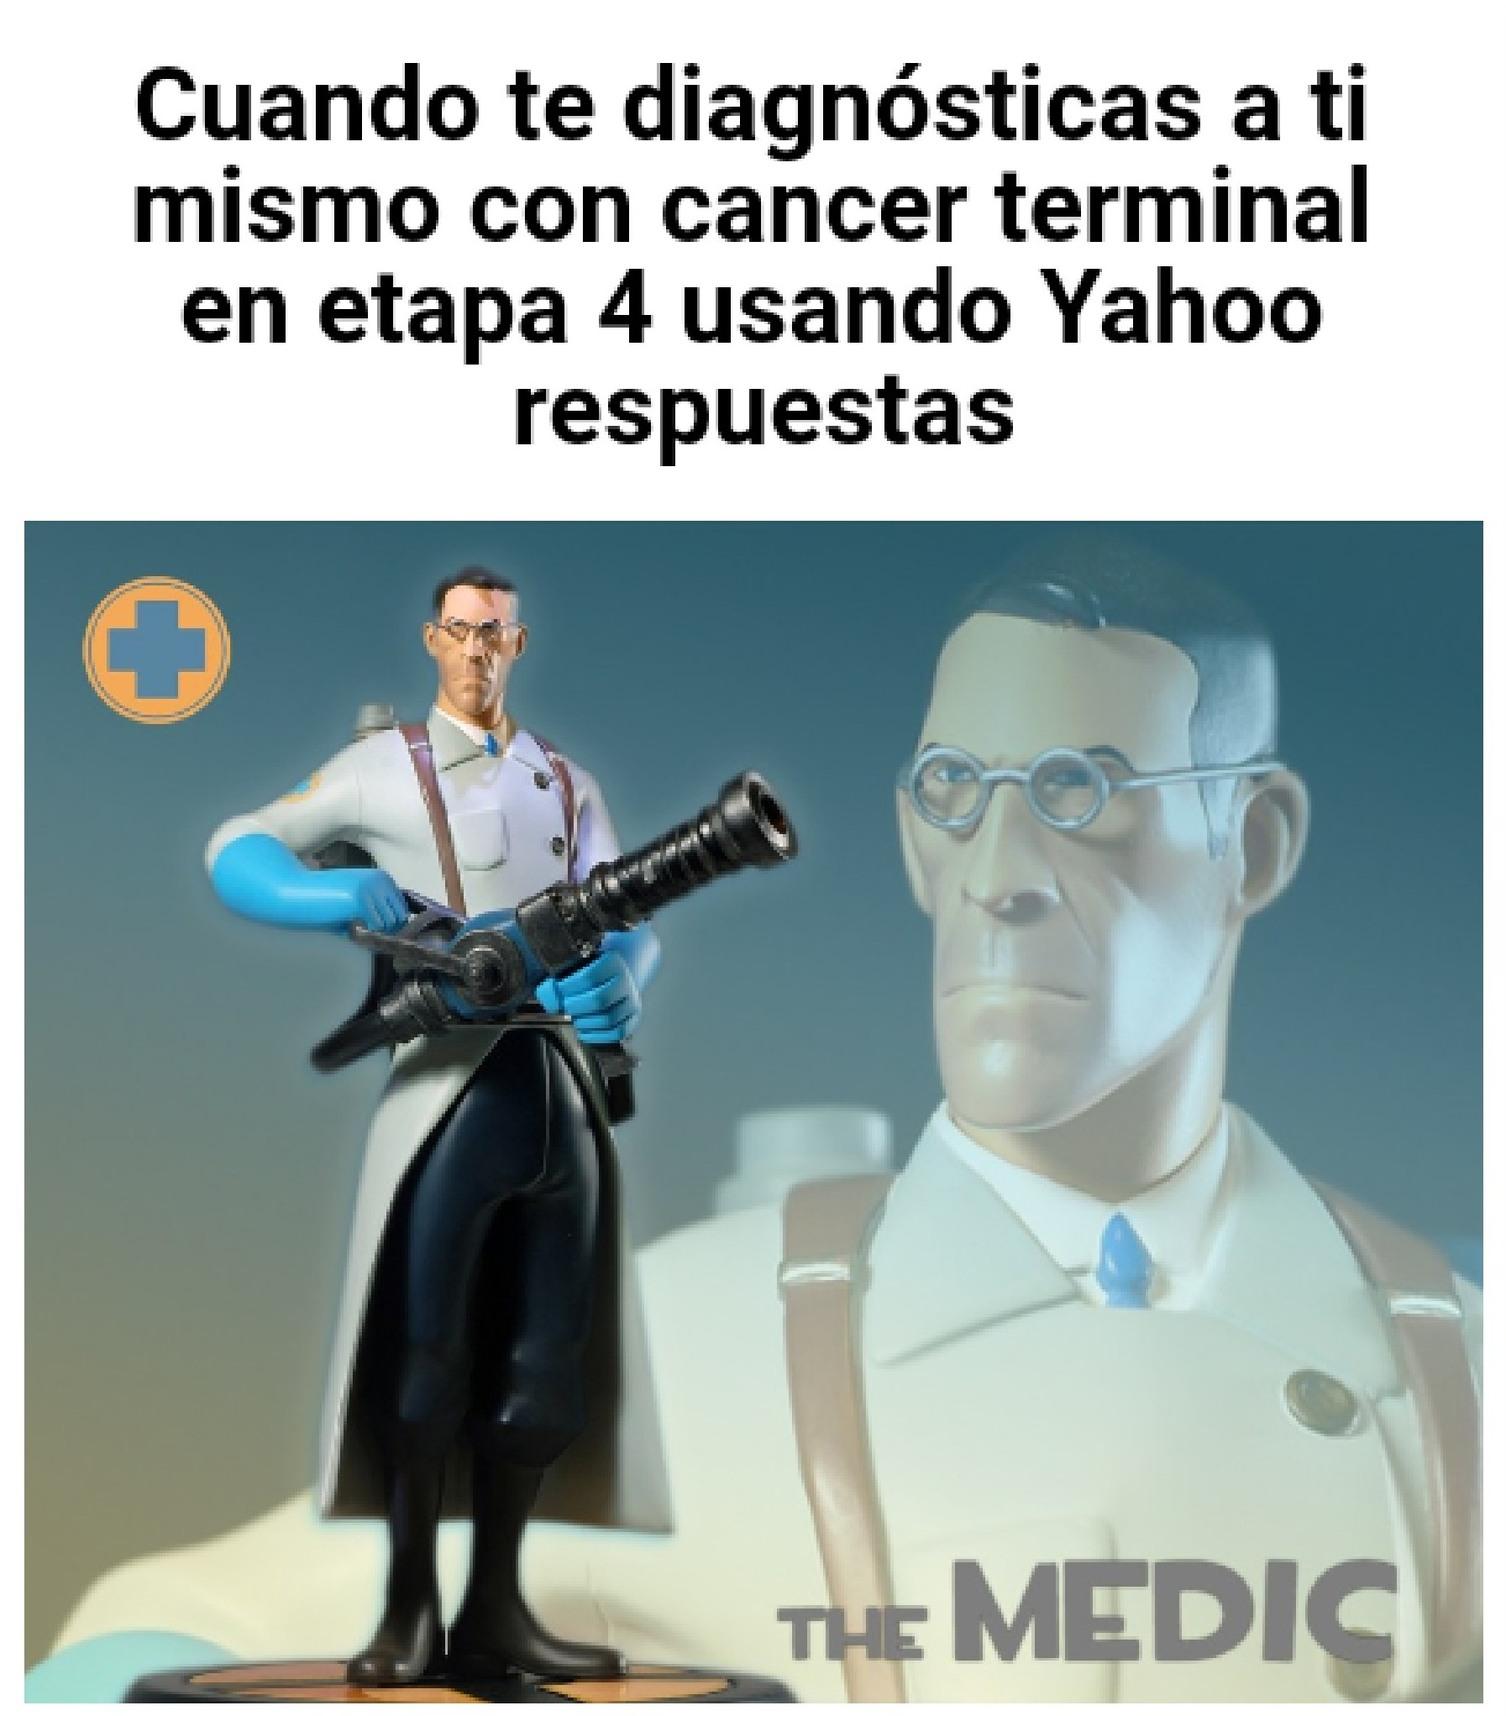 El medic - meme